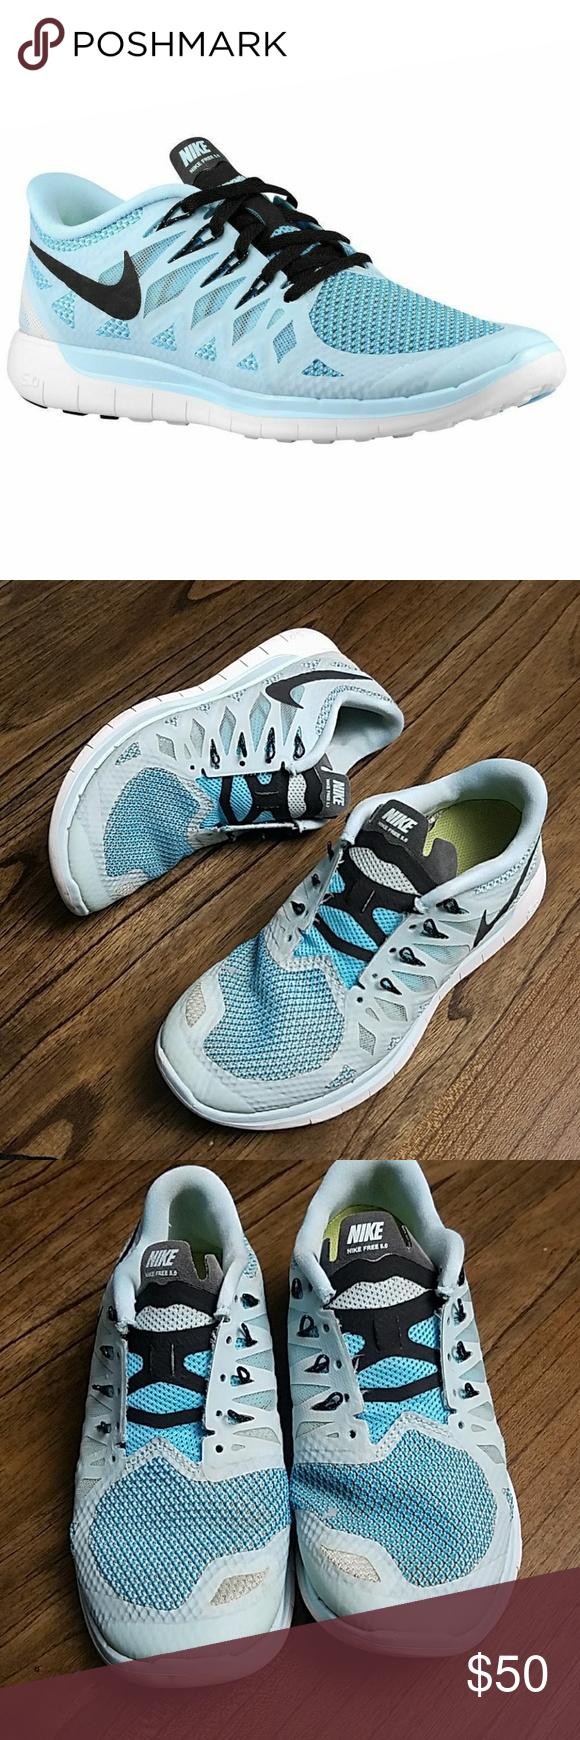 fedd12eec310 Nike Free 5.0 - Women s Running Shoe Sport Sneaker Pre-owened in gently used